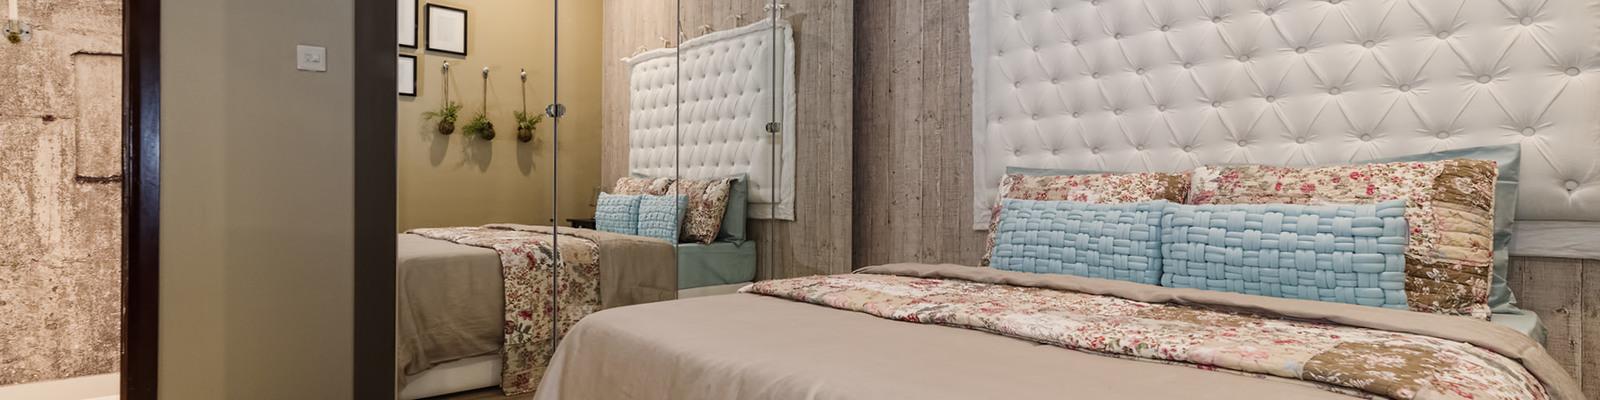 Shuhada – contemporary, executive, designer apartment w/balcony